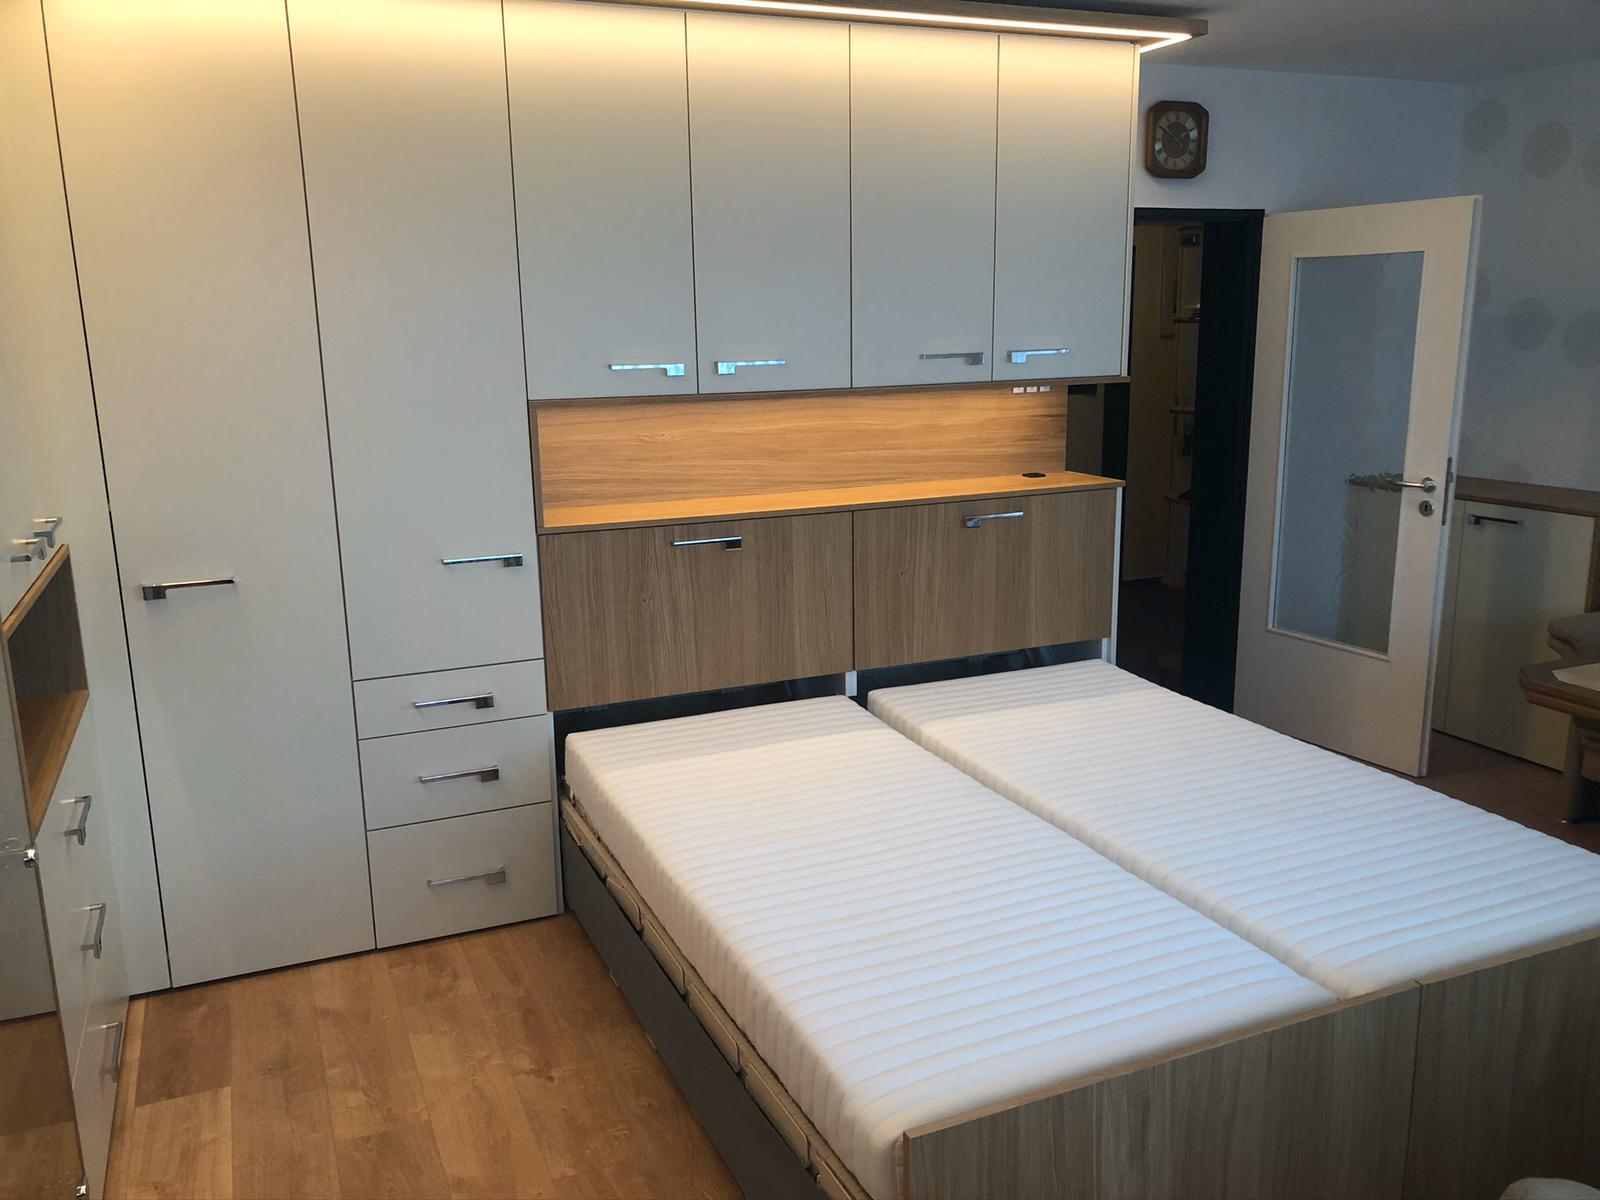 Schlafen im Wohnzimmer im Schrankbett Belitec  Innenausbau Binder